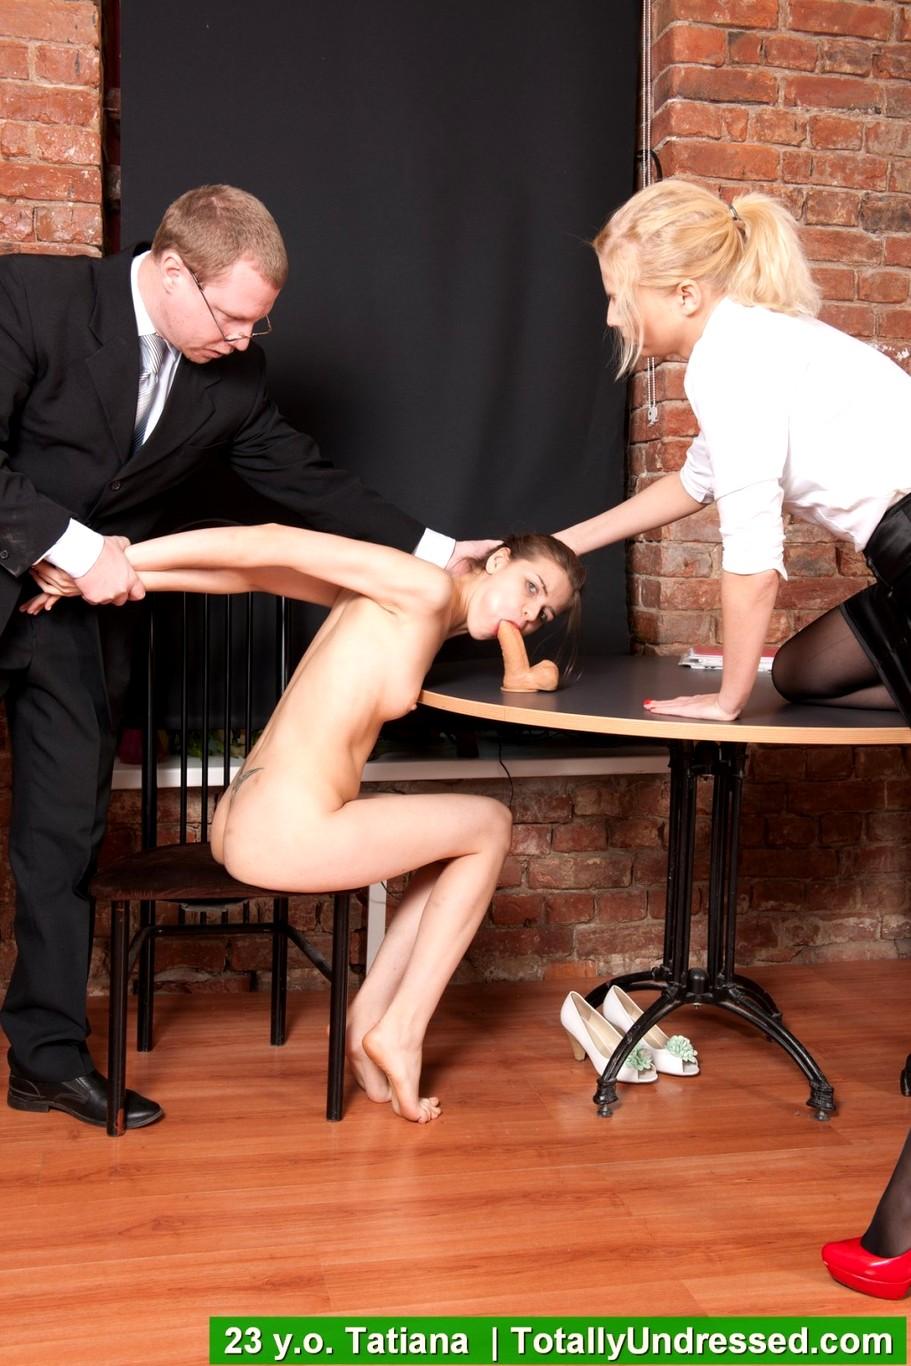 Русская начальница трахает секретаршу страпоном бы, как